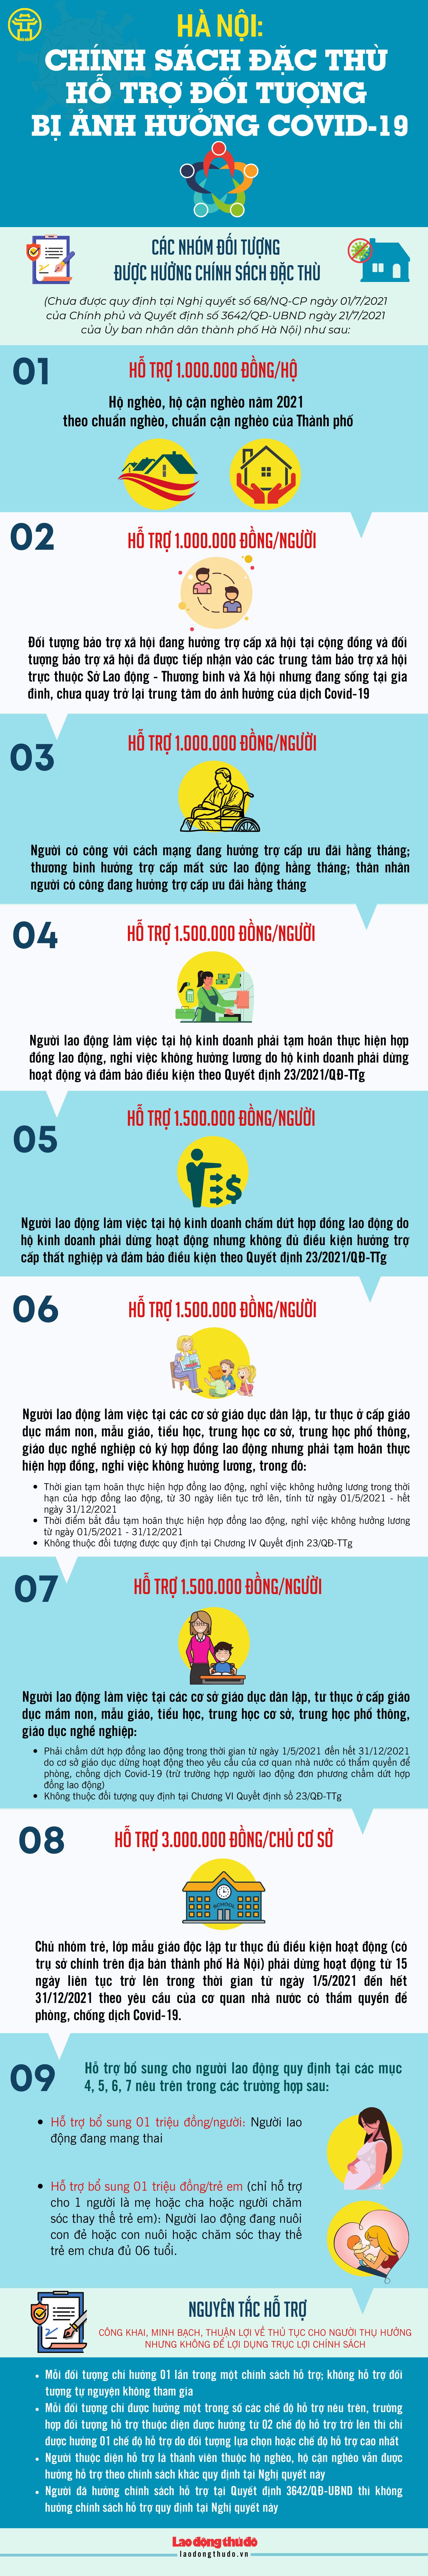 [Infographic] Hà Nội: Chính sách đặc thù hỗ trợ đối tượng bị ảnh hưởng Covid-19